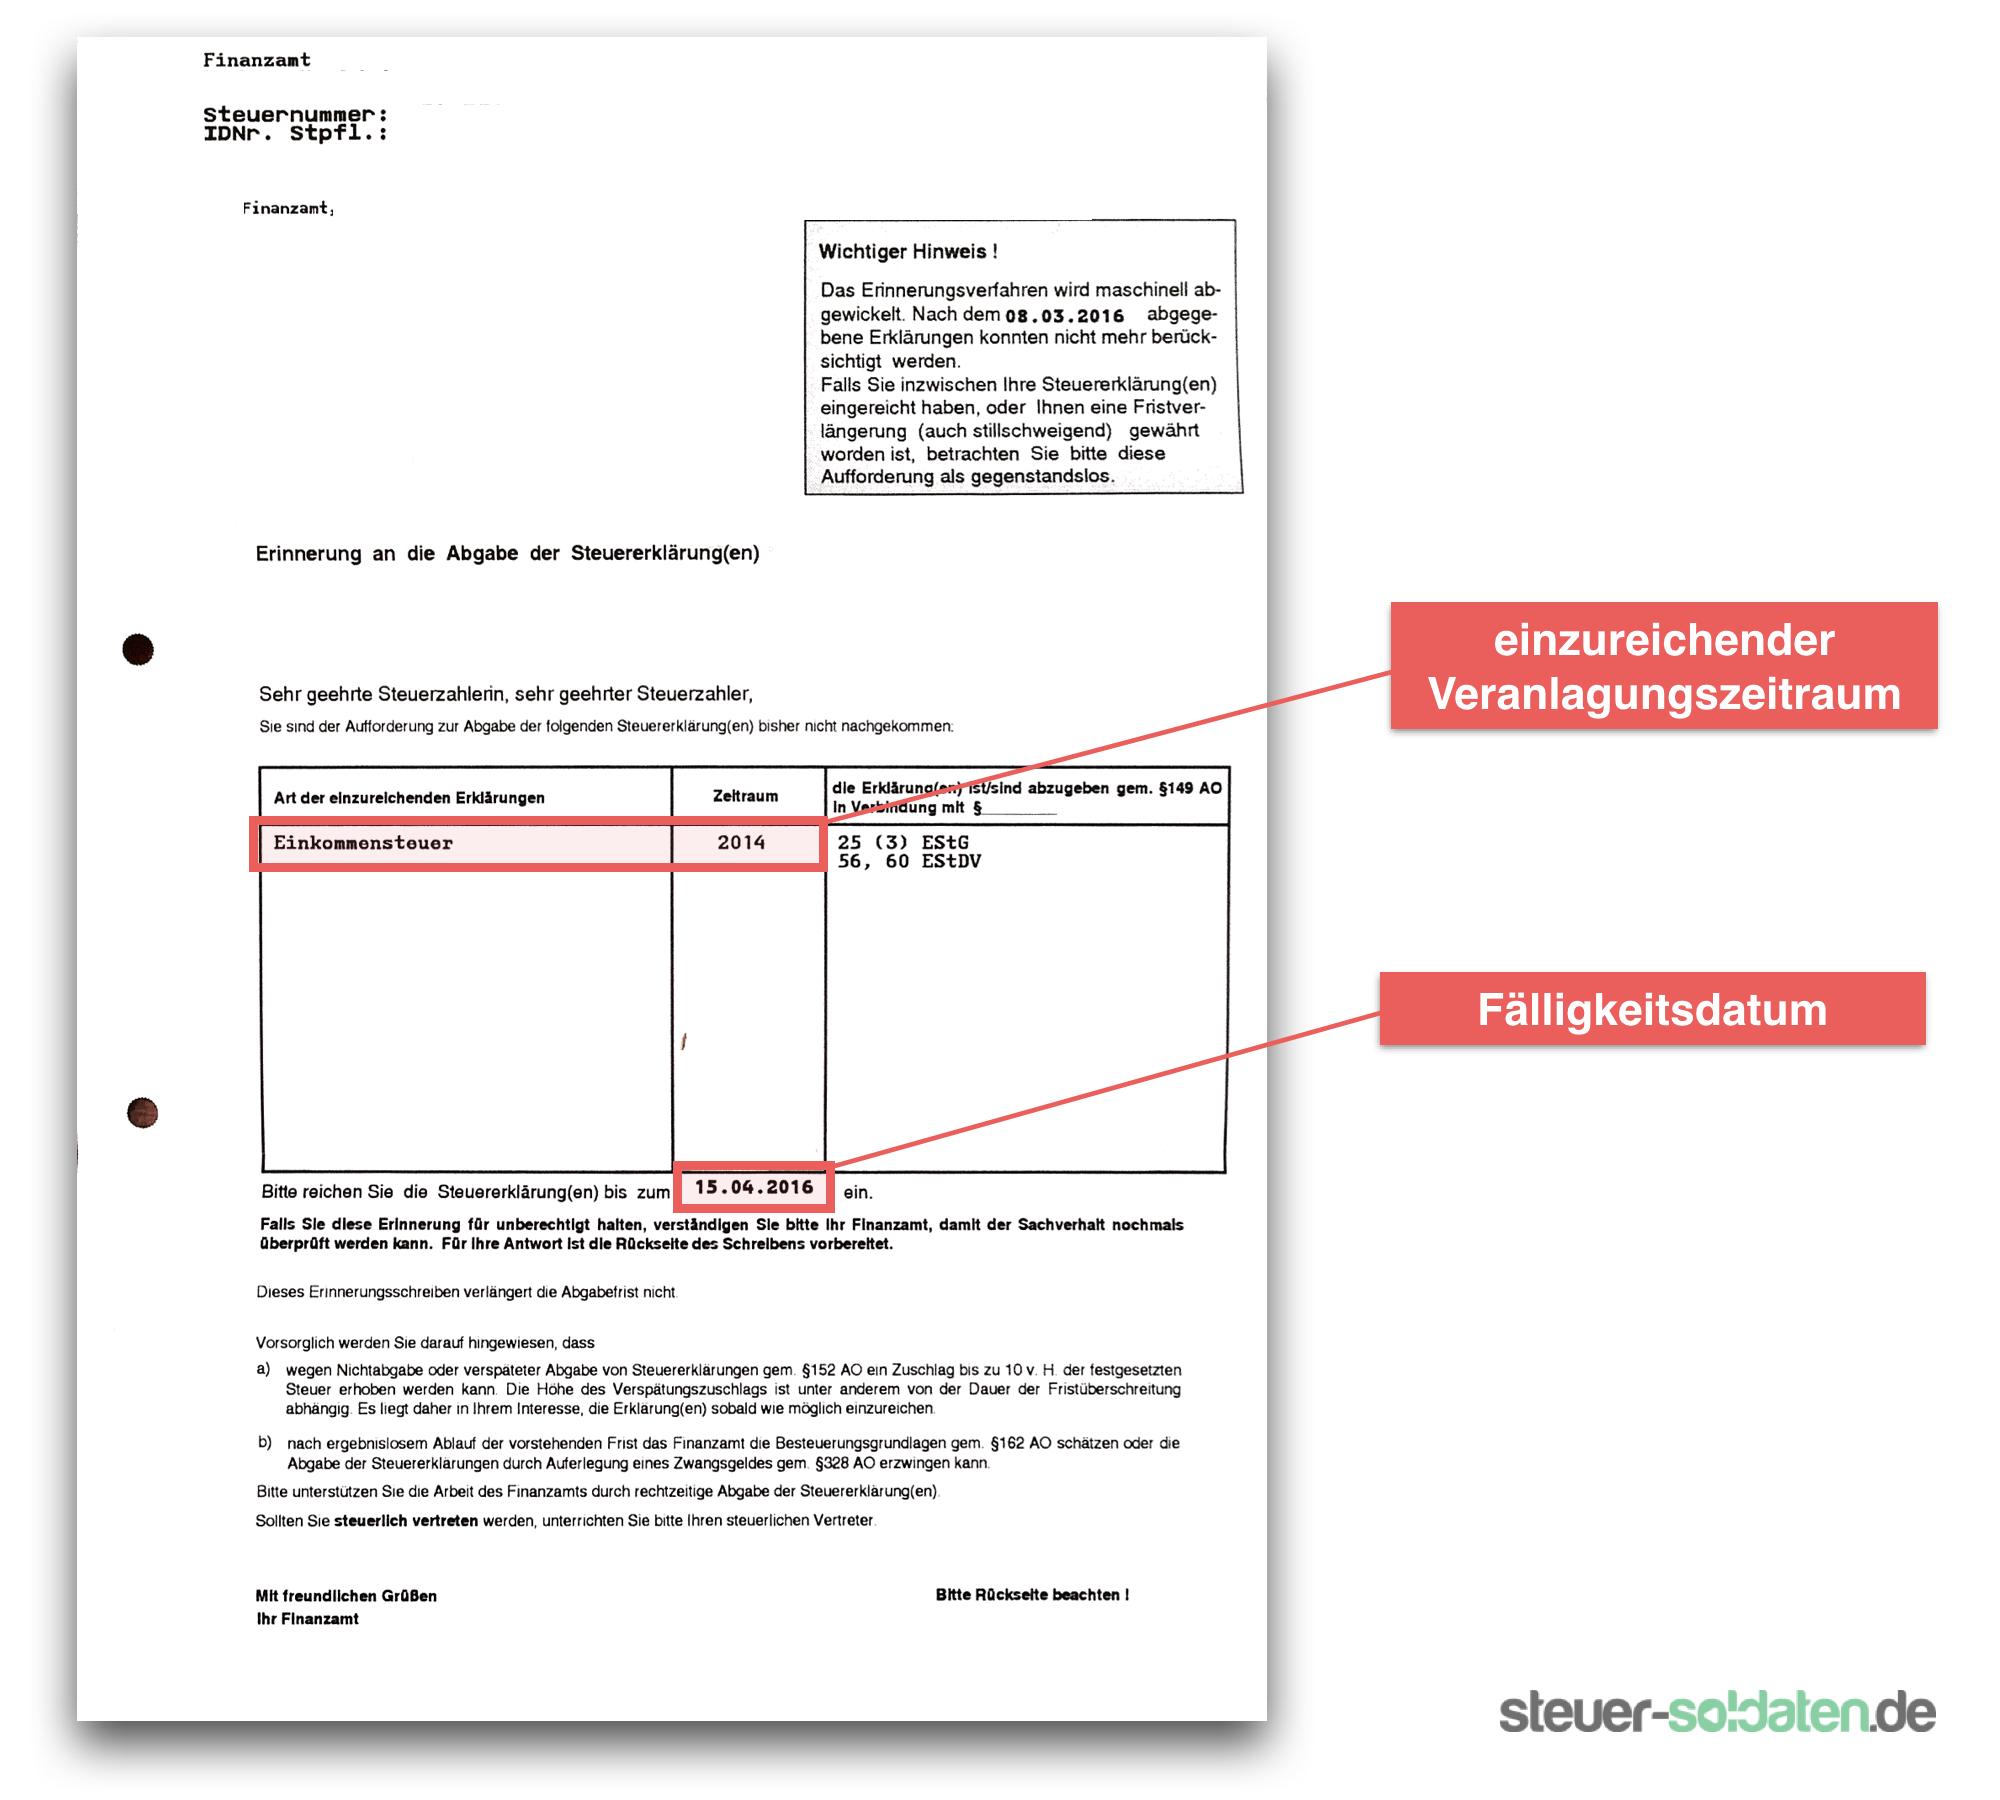 Abgabepflicht Steuererklärung Soldaten - Aufforderung Finanzamt